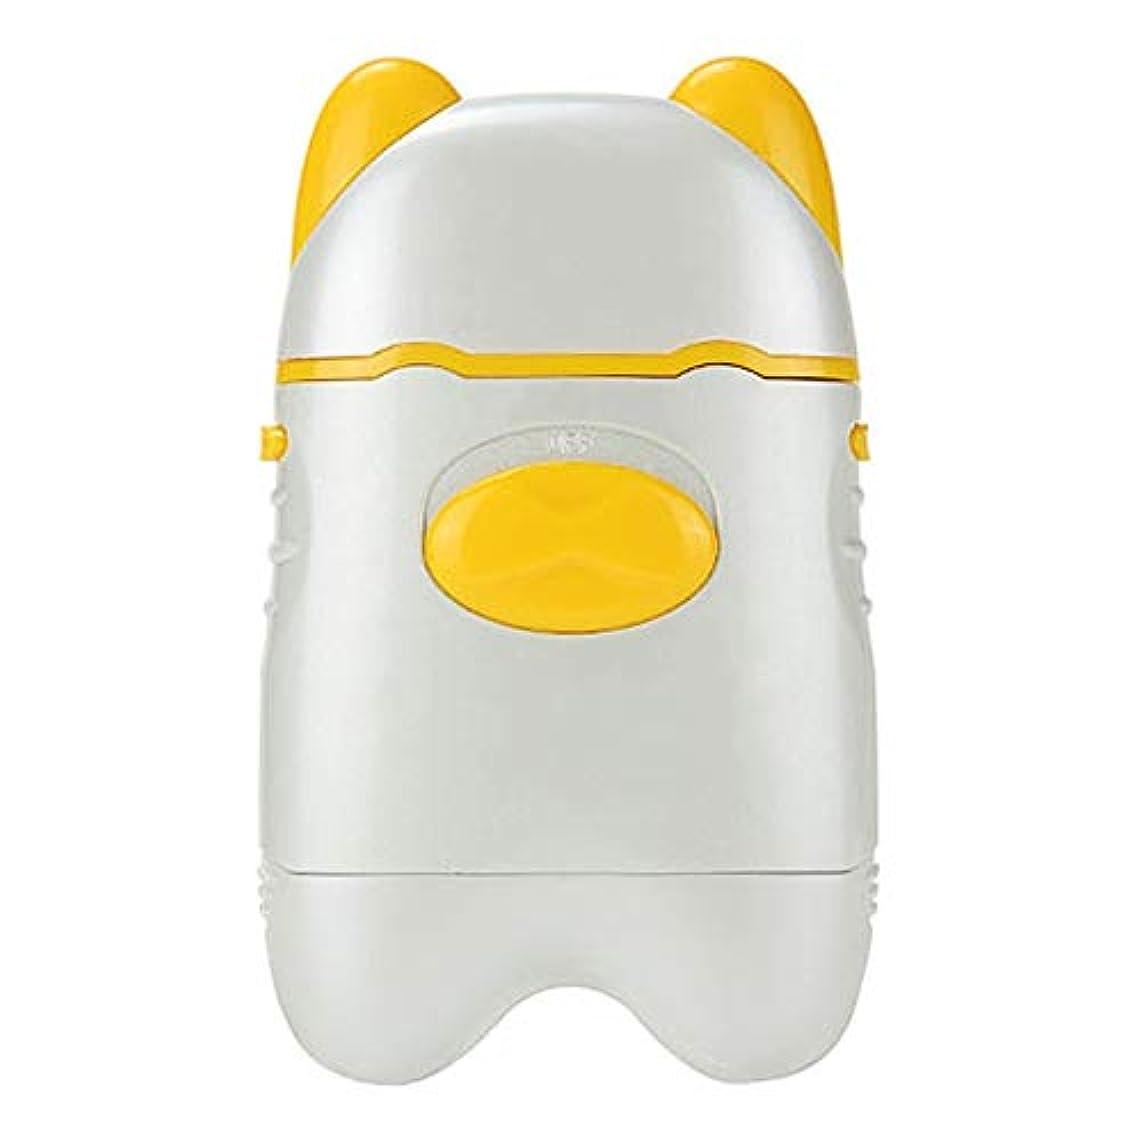 容赦ない延期する応答電気子供のネイルはさみクリッパーズ自動マニキュアナイフドライバッテリー電動ネイルポリッシャーネイル